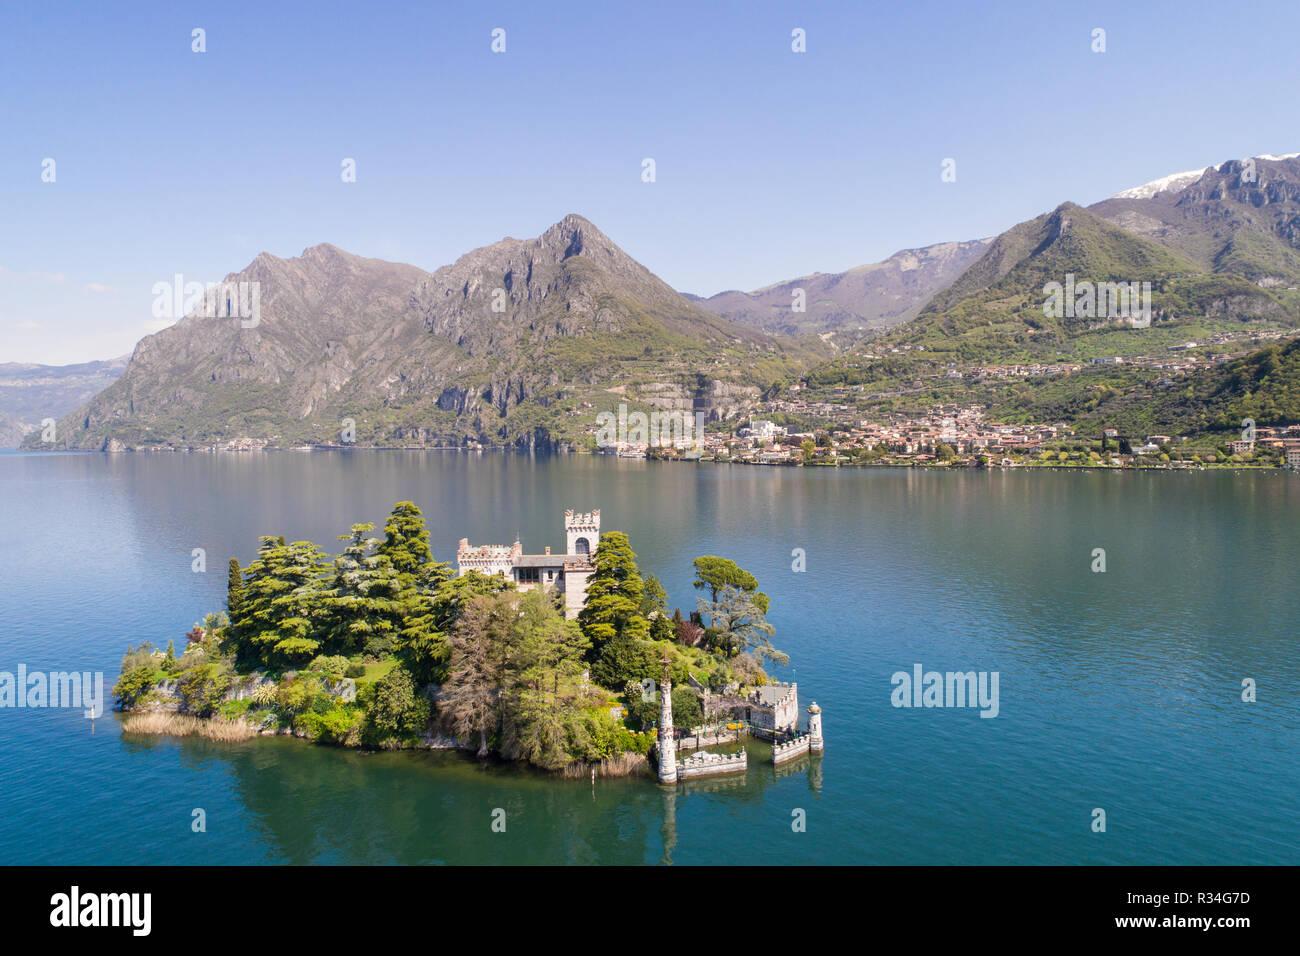 Lake of Iseo, island of Loreto - Stock Image